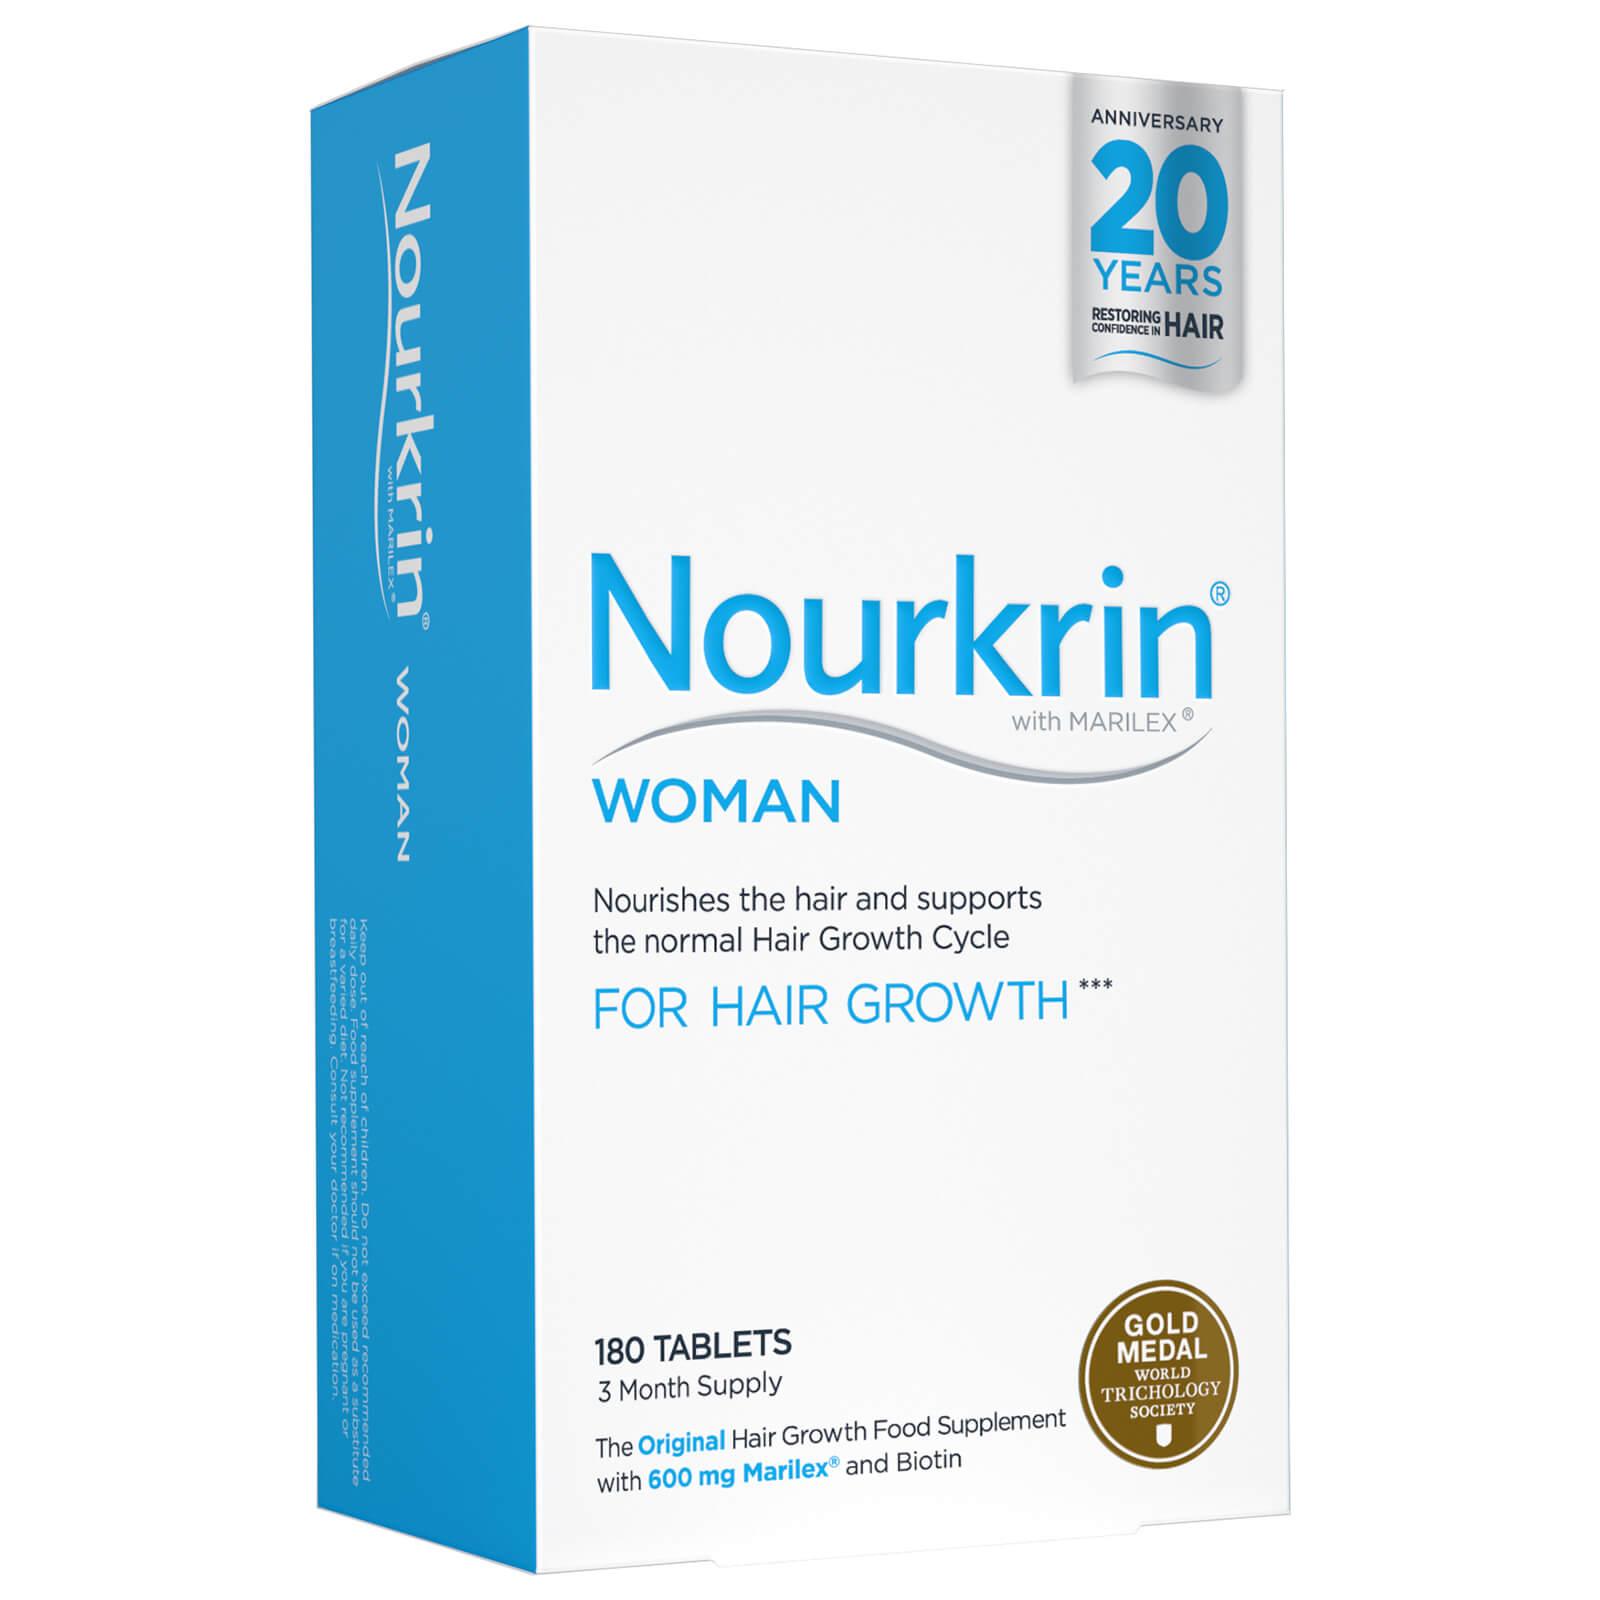 Nourkrin Compléments alimentaires soins de cheveux Nourkrin Woman - 3 mois (180 cachets)